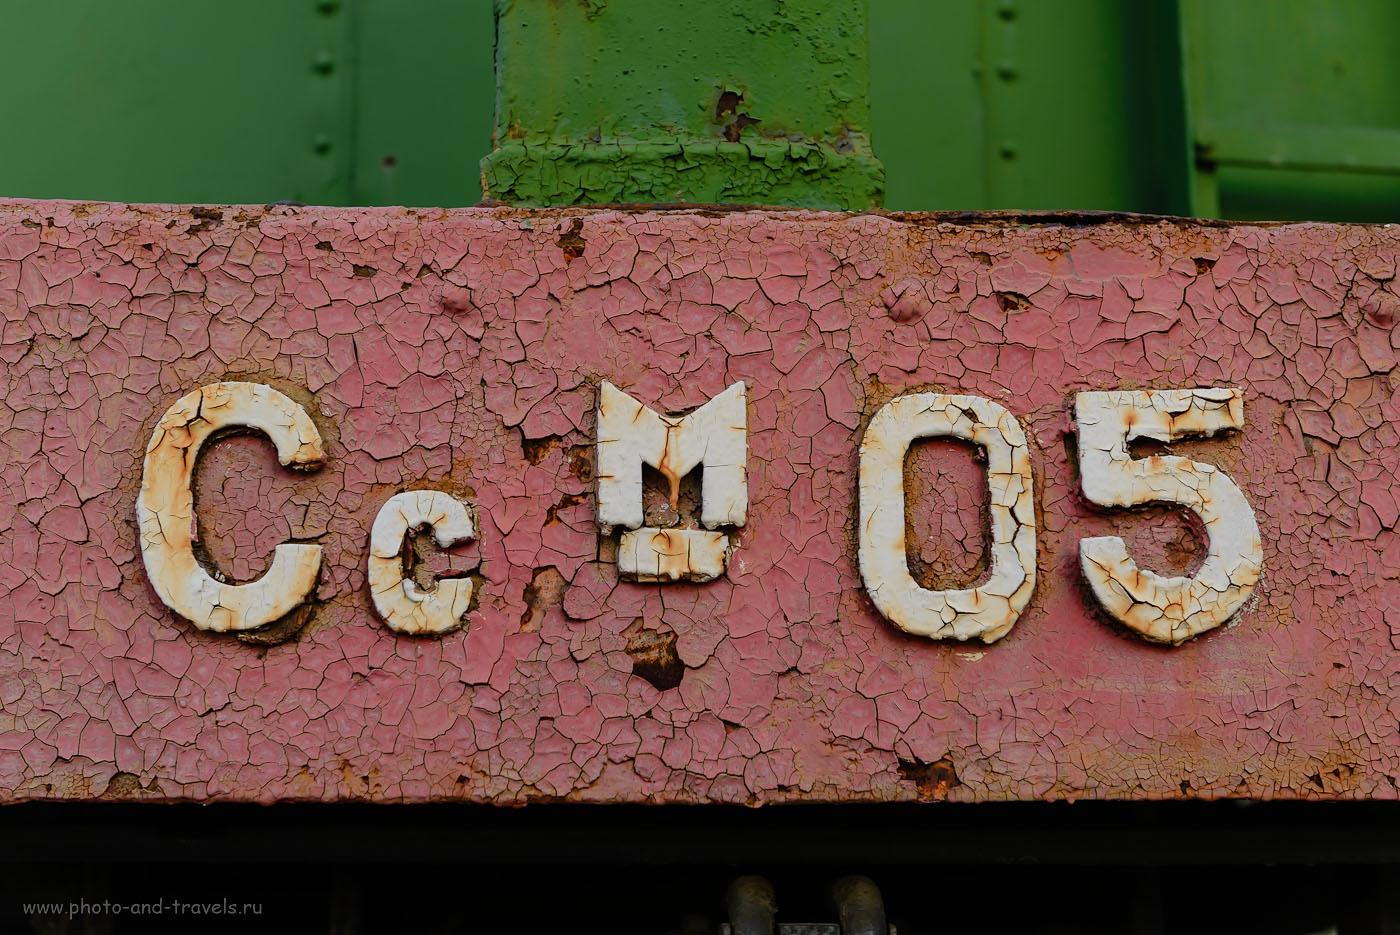 Фото 16. В музее паровозов в Екатеринбурге. 1/160, -0.33, 4.5, 360, 56.